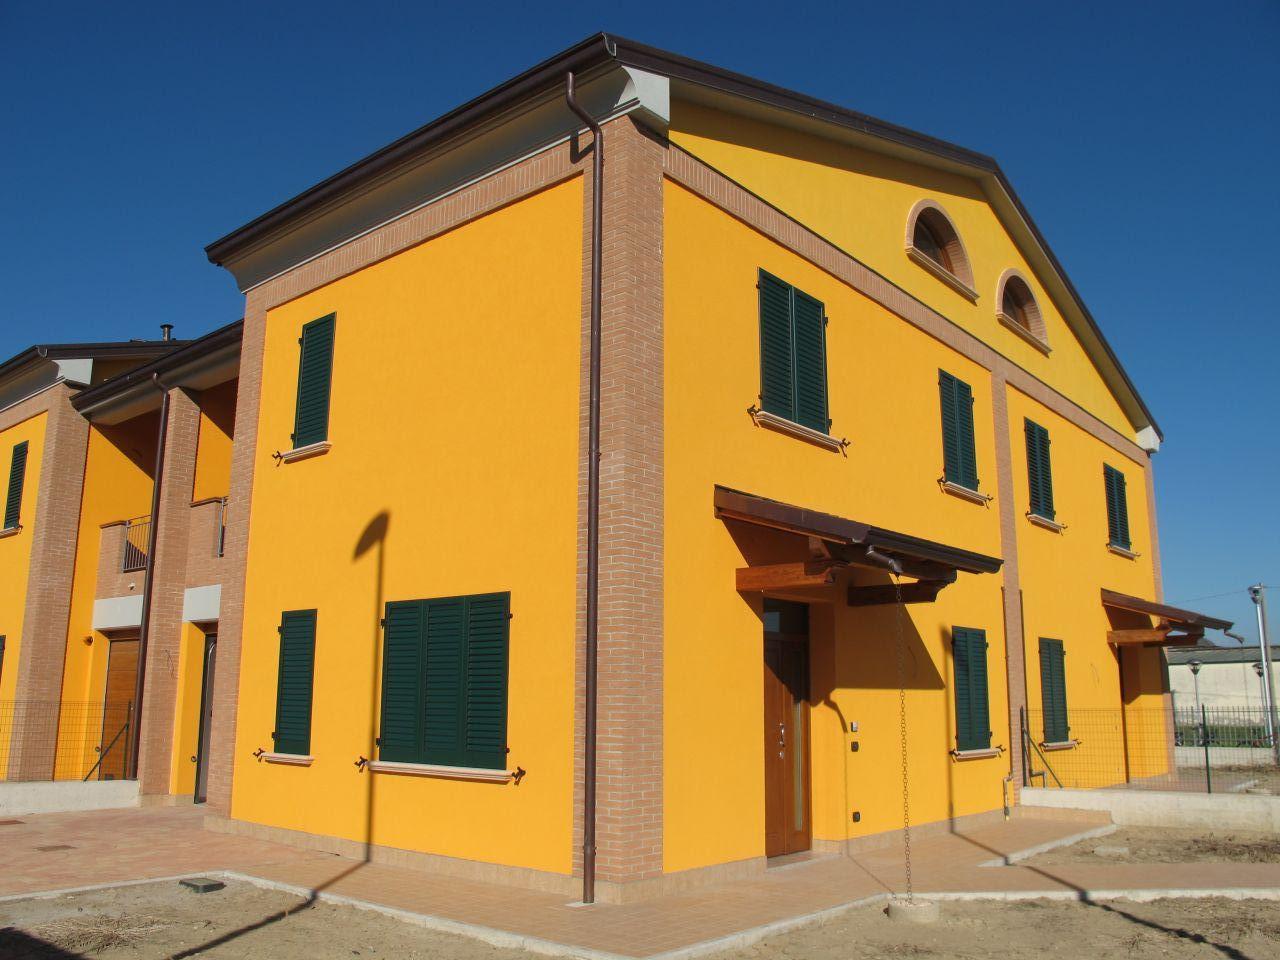 Villetta a schiera in vendita Rif. 4142610